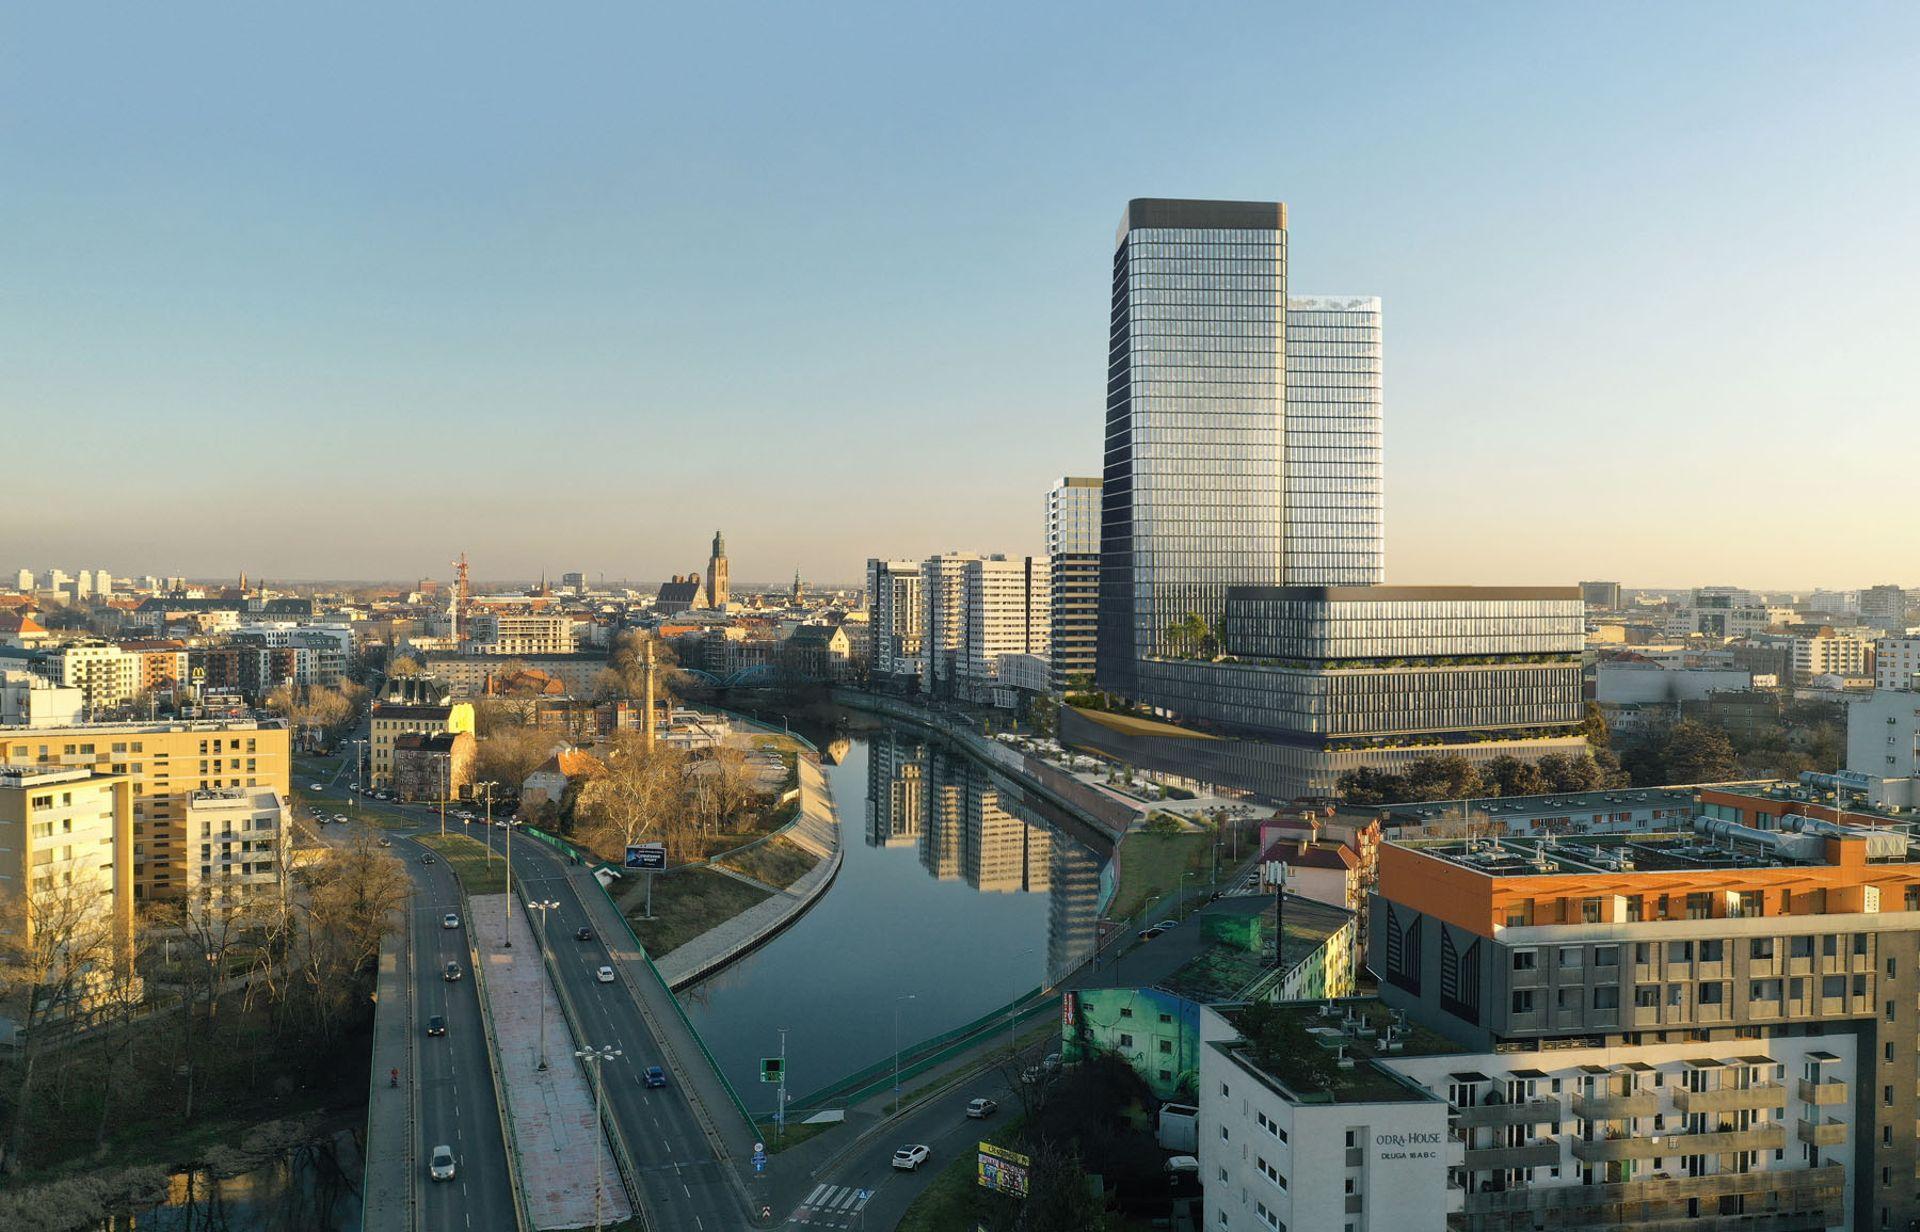 Wrocław: Przy ulicy Sikorskiego powstaje 73 metrowy wieżowiec Quorum [ZDJĘCIA + WIZUALIZACJE]